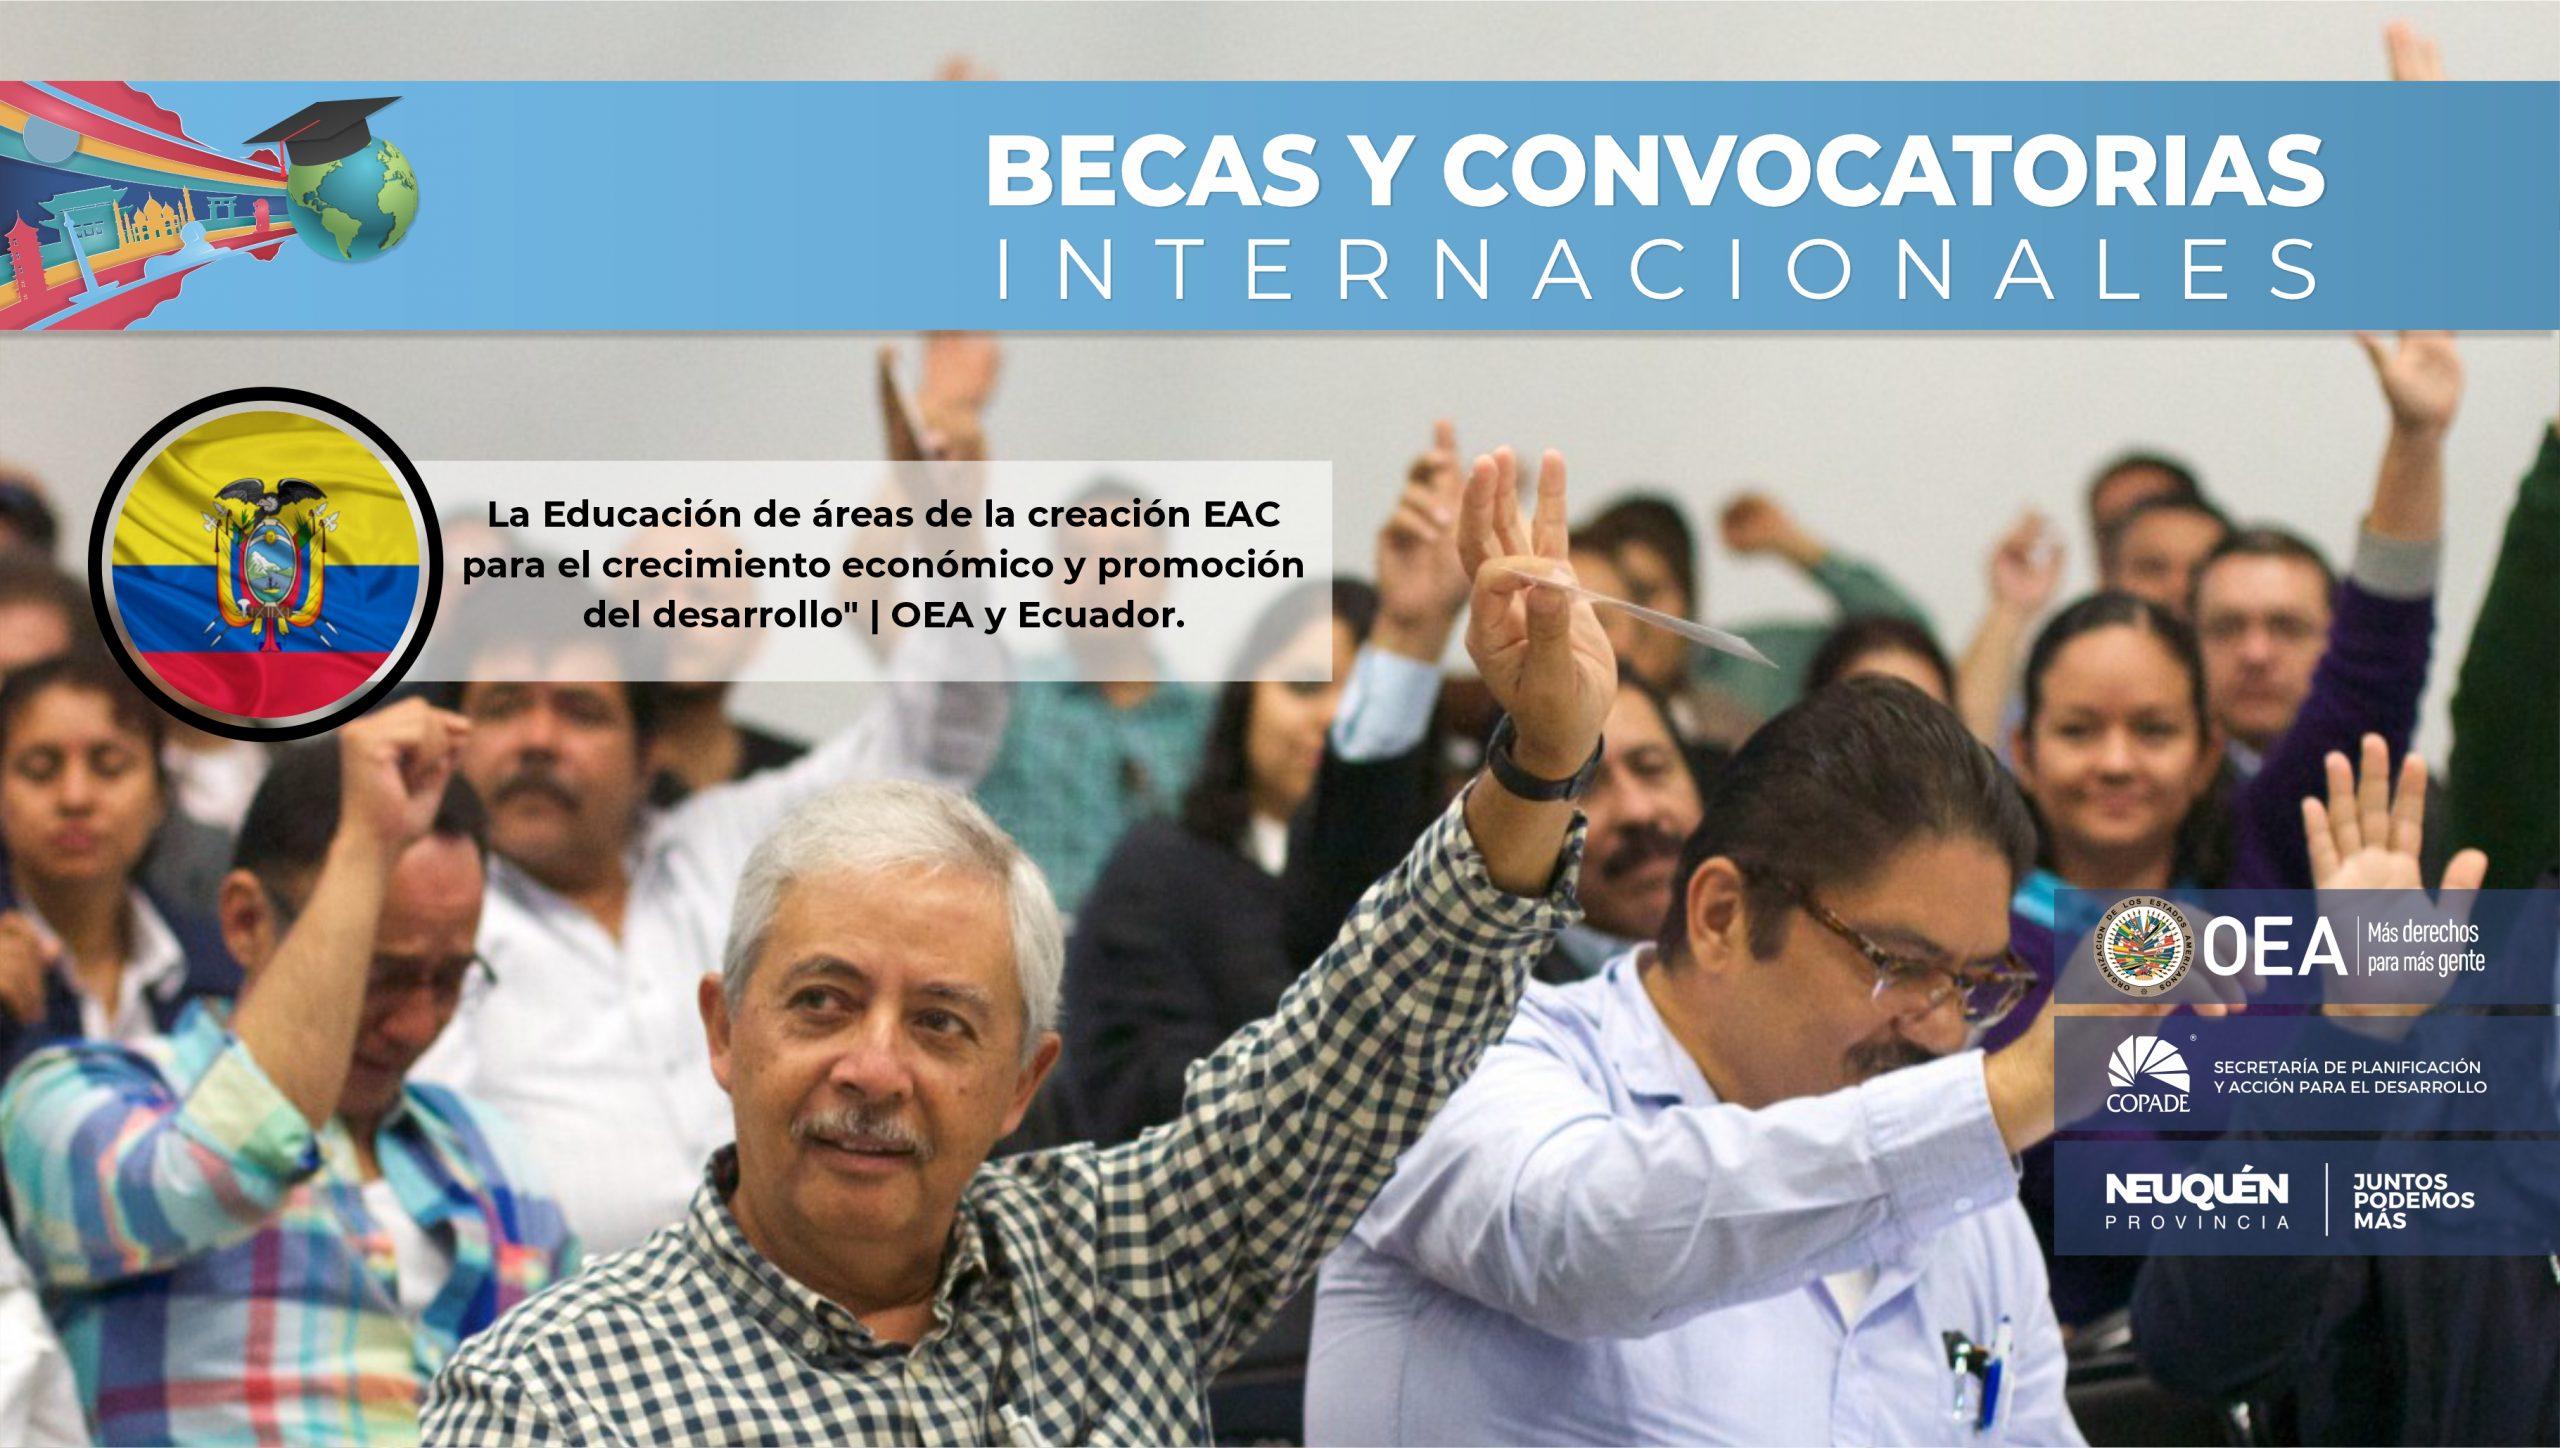 La Educación de áreas de la creación EAC para el crecimiento económico y promoción del desarrollo